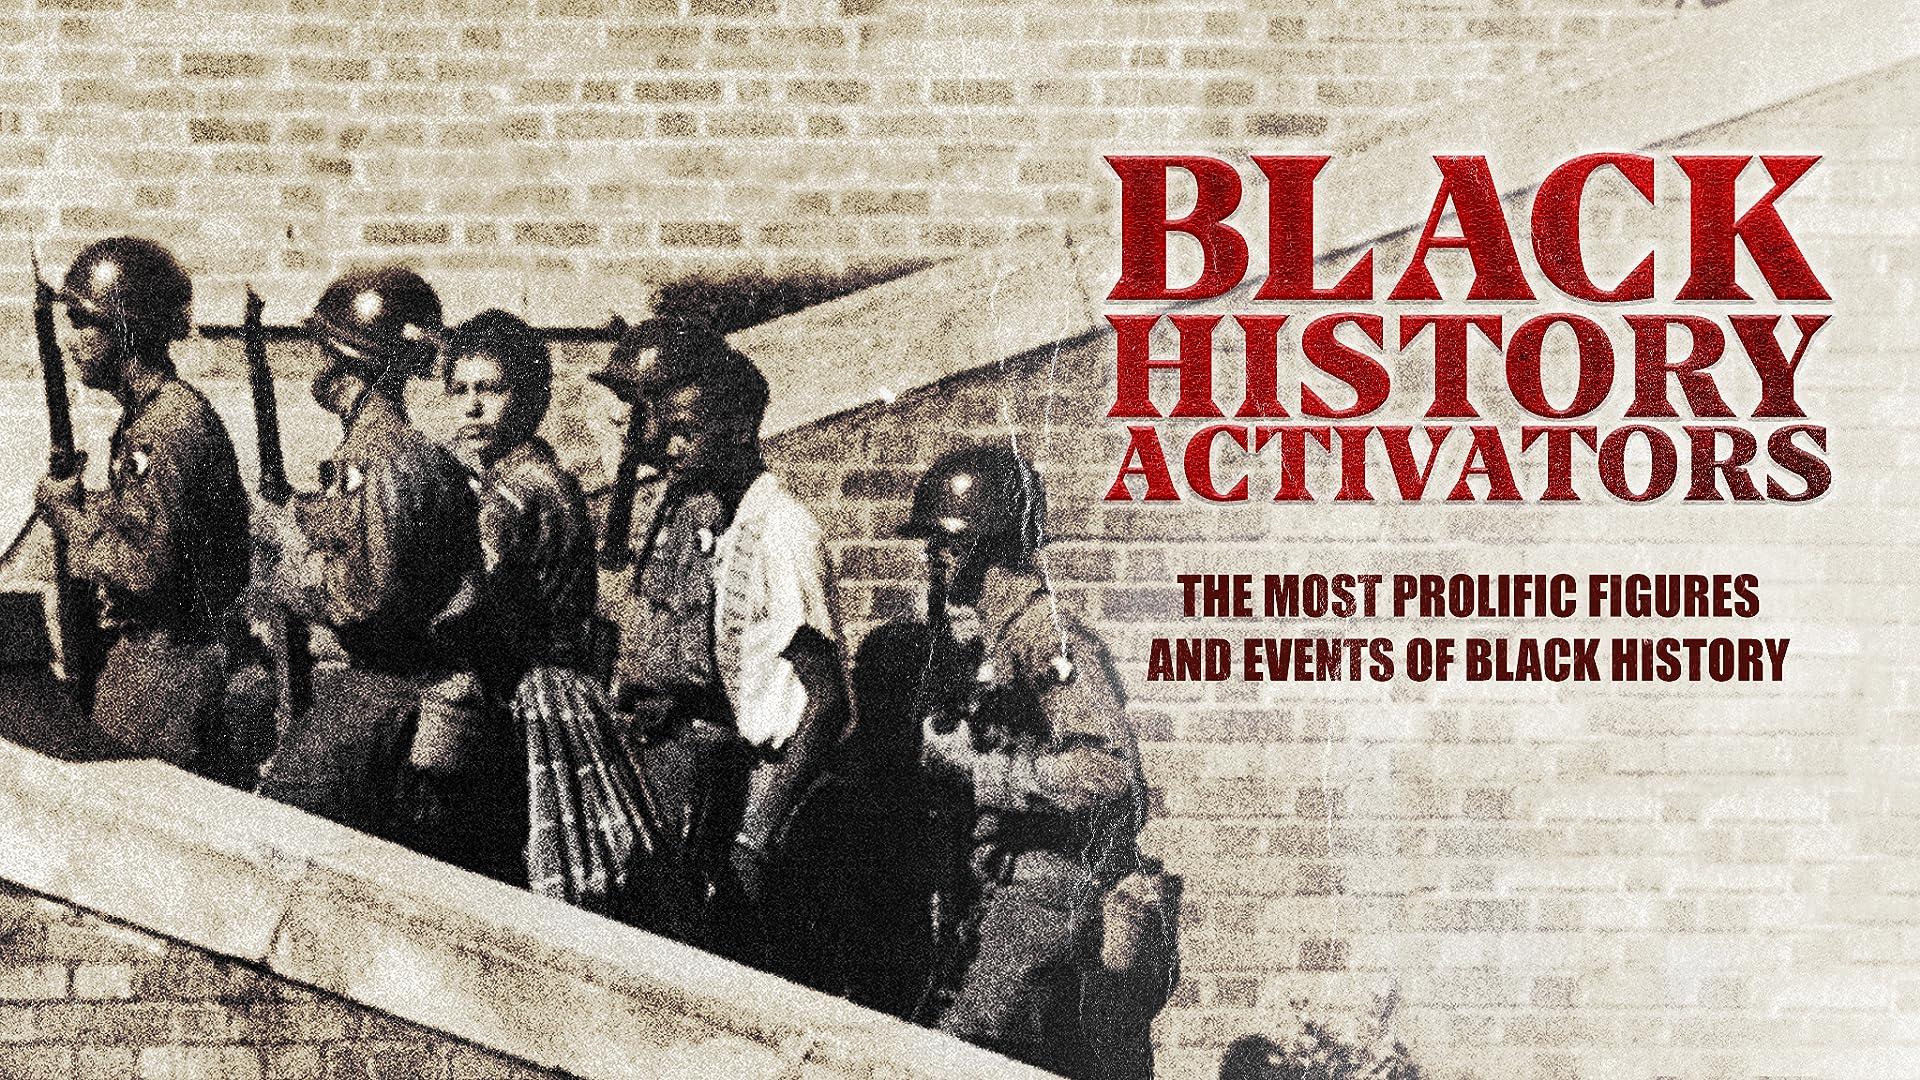 Black History Activators